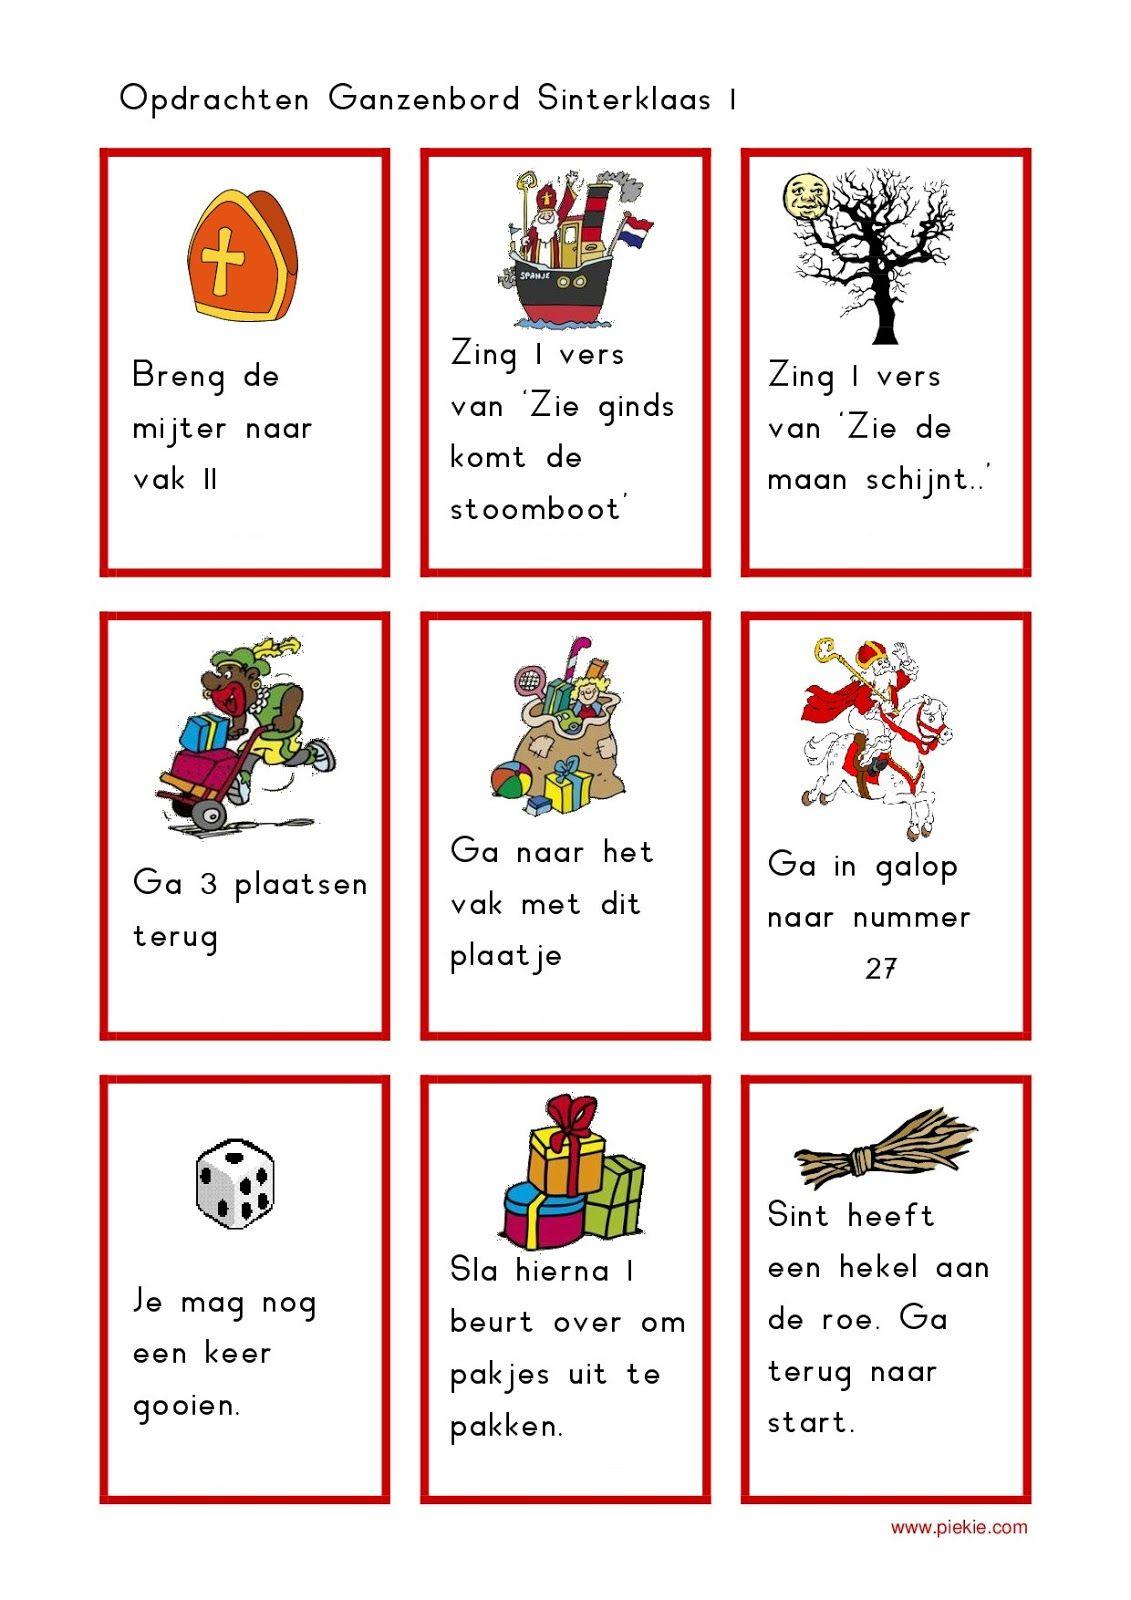 Onderwijs en zo voort ........: 1819. Sinterklaas spelletjes : Sinterklaas Ganzenbord #themasinterklaas